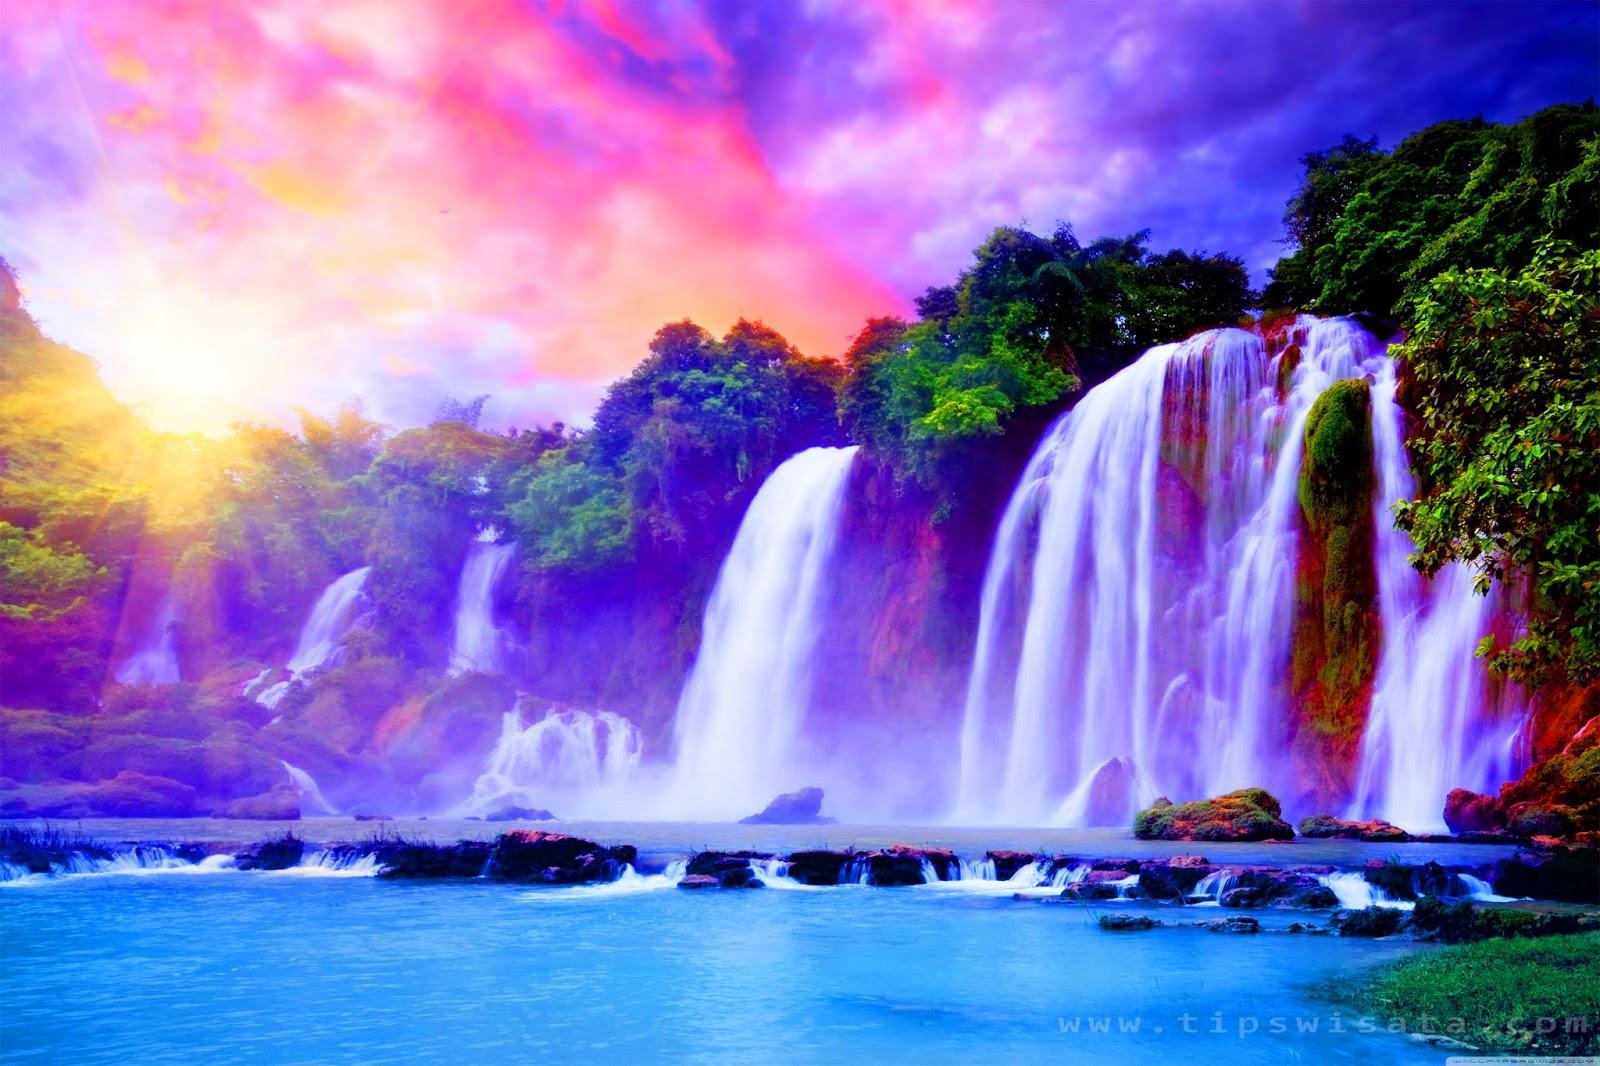 pemandangan air terjun terindah image qqxxzx com